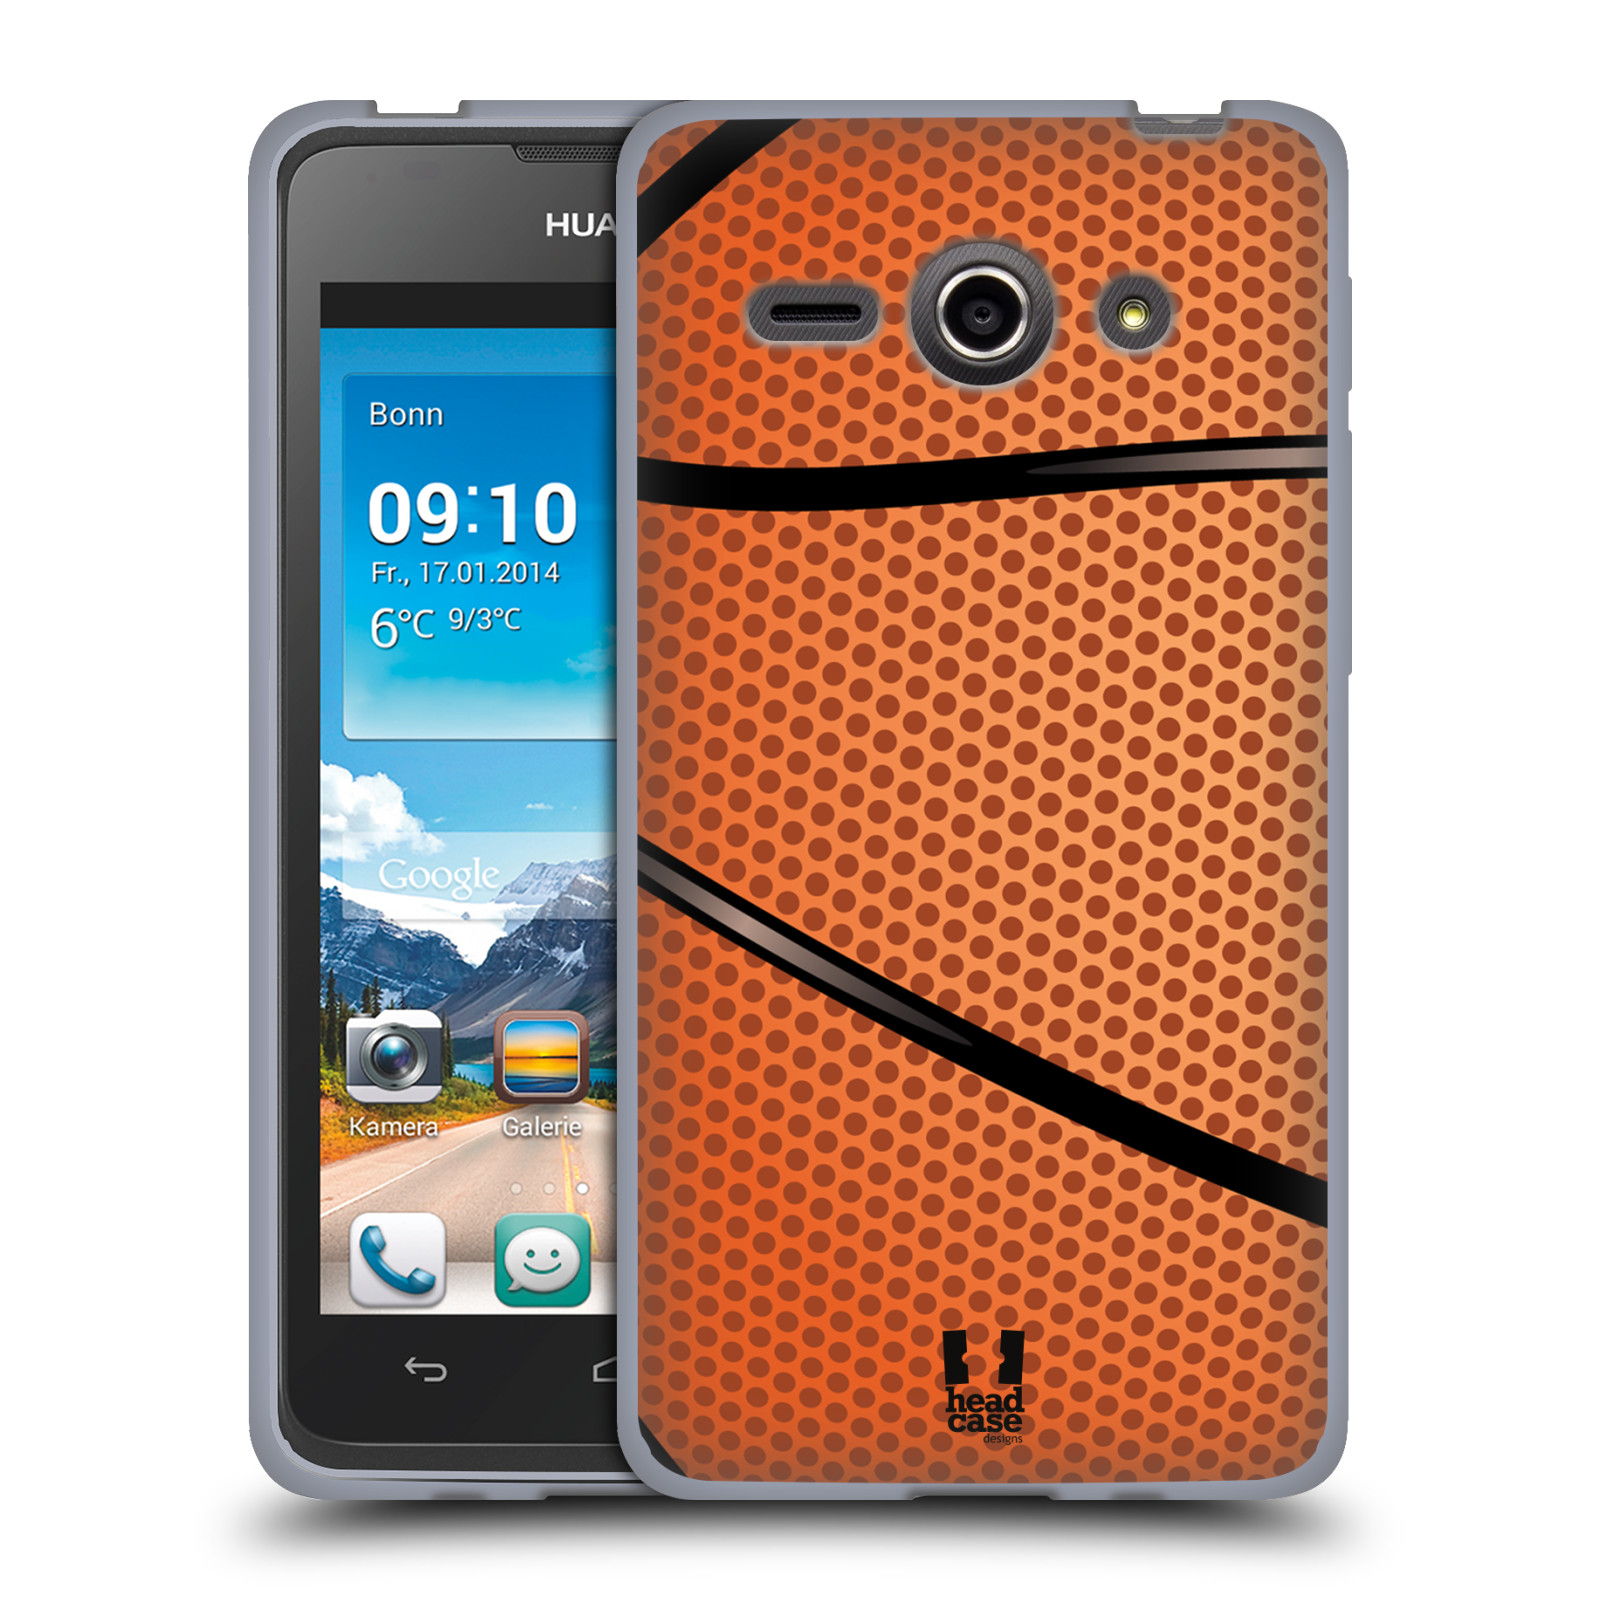 Silikonové pouzdro na mobil Huawei Ascend Y530 HEAD CASE BASKEŤÁK (Silikonový kryt či obal na mobilní telefon Huawei Ascend Y530)